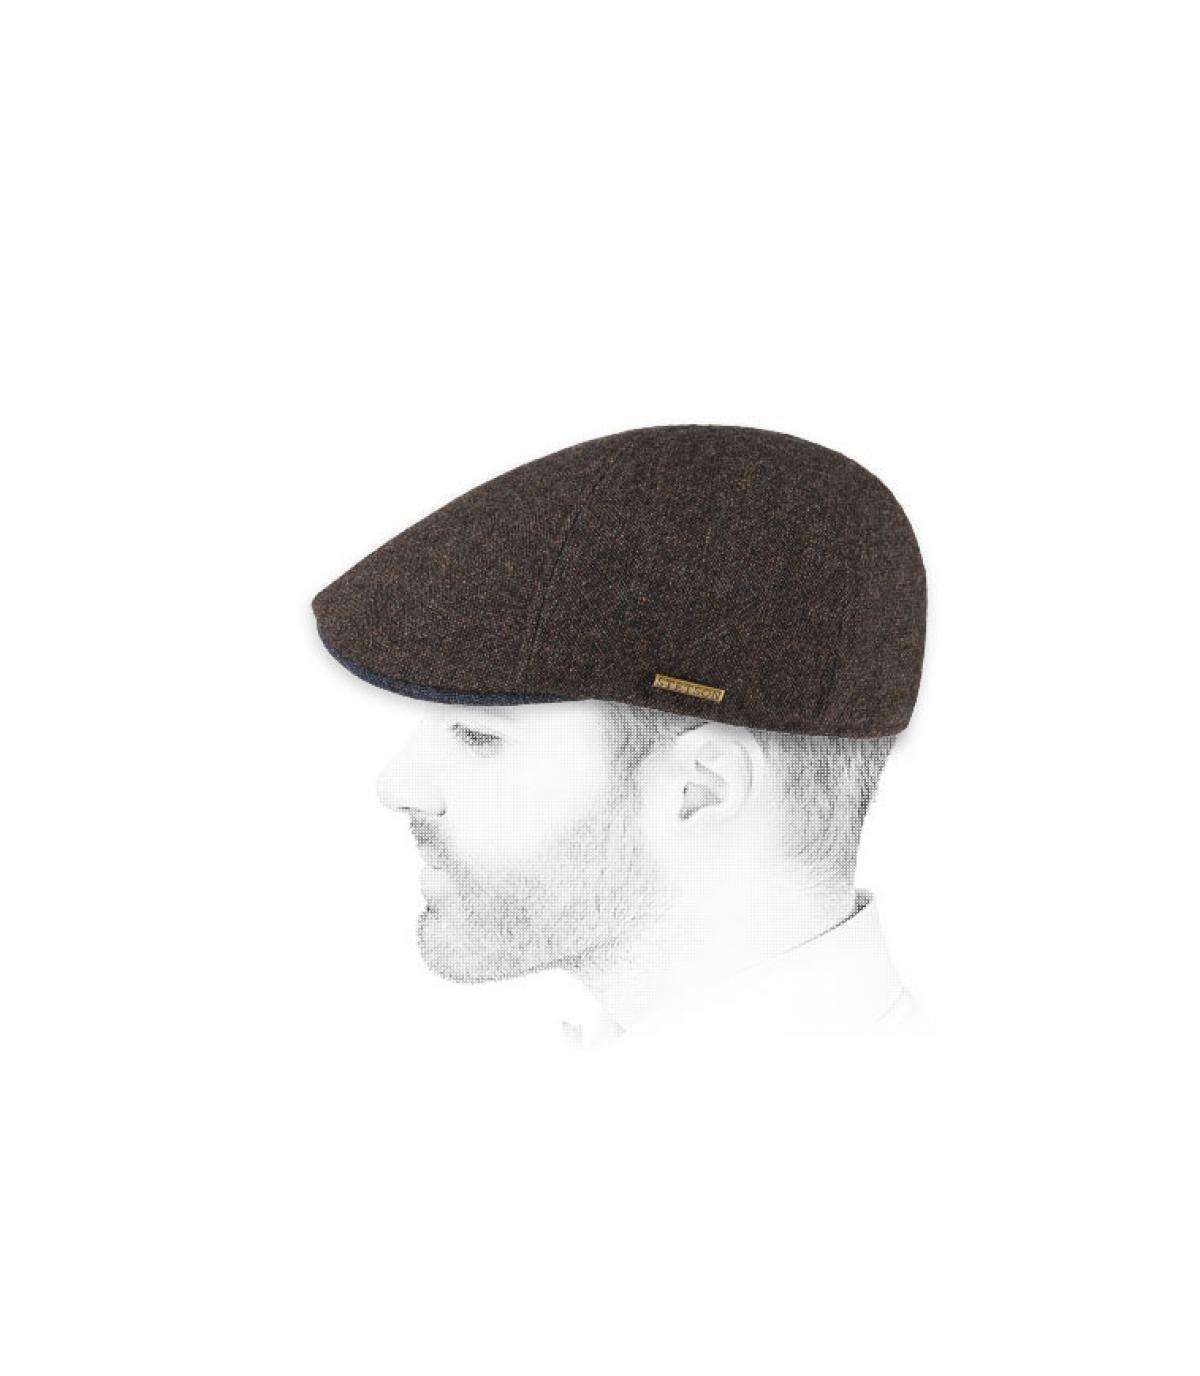 lana marrón tapa de pico de pato